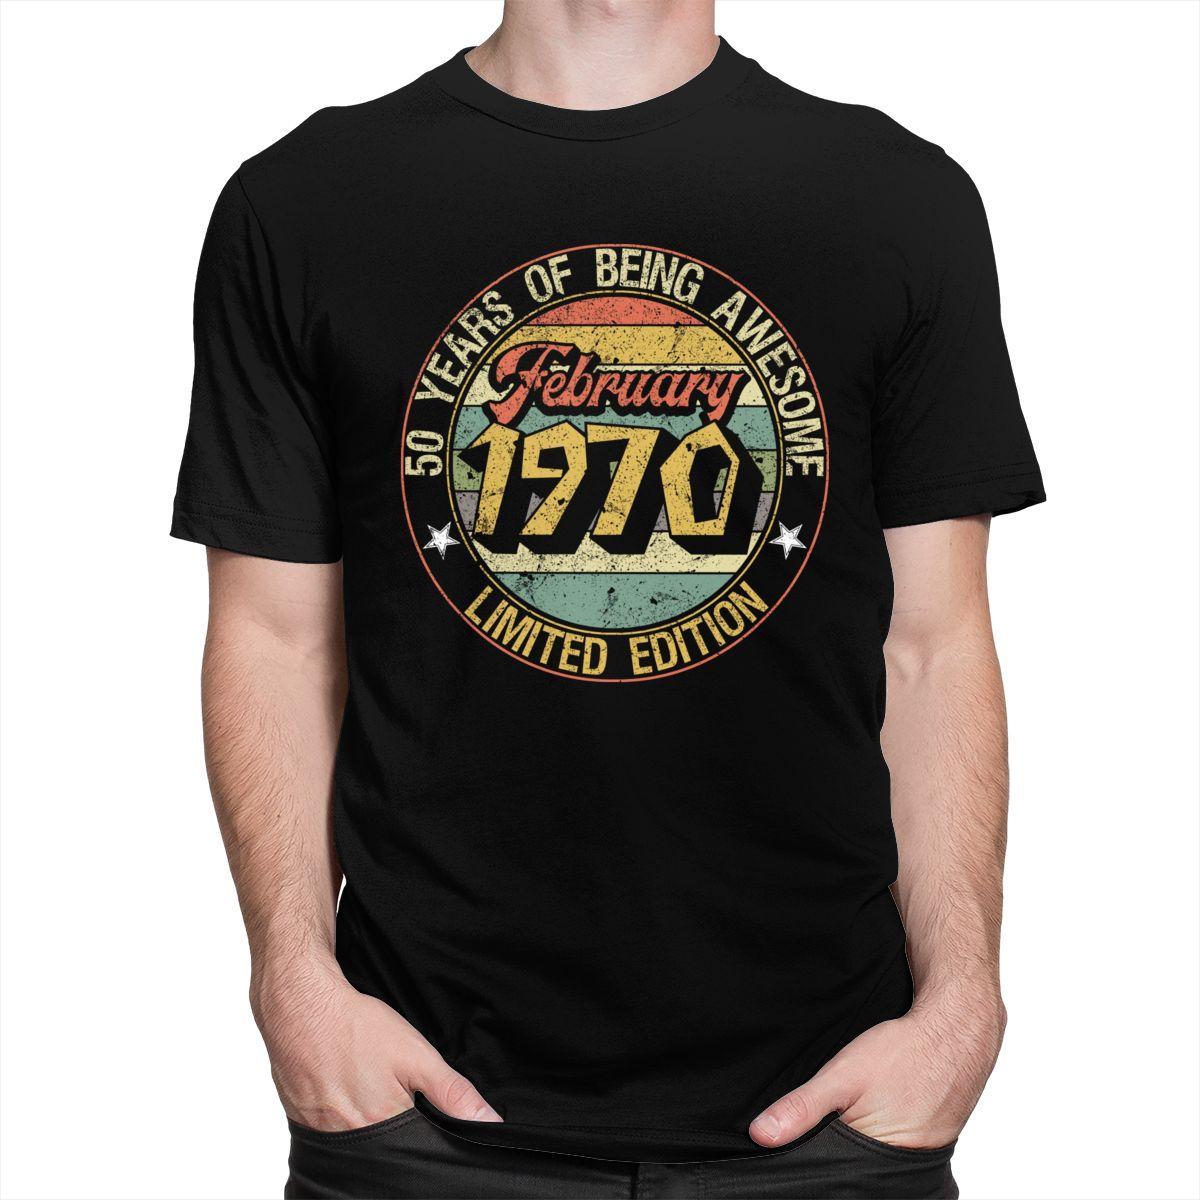 Kentsel Vintage Doğum Şubat 1970 Tee Erkekler Kısa Kol 50 Doğum Hediye Tişört O-boyun Slim Fit% 100 Pamuklu T Gömlek Giyim Tops